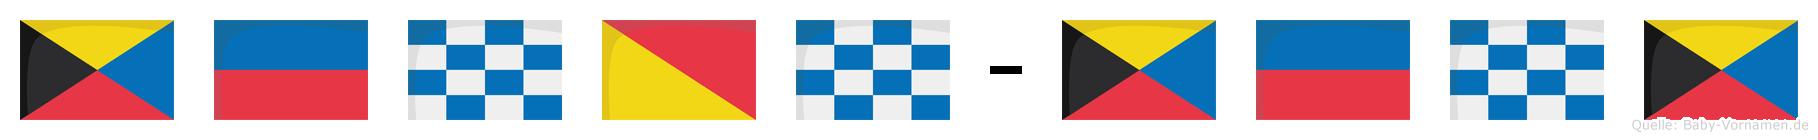 Zenon-Zenz im Flaggenalphabet